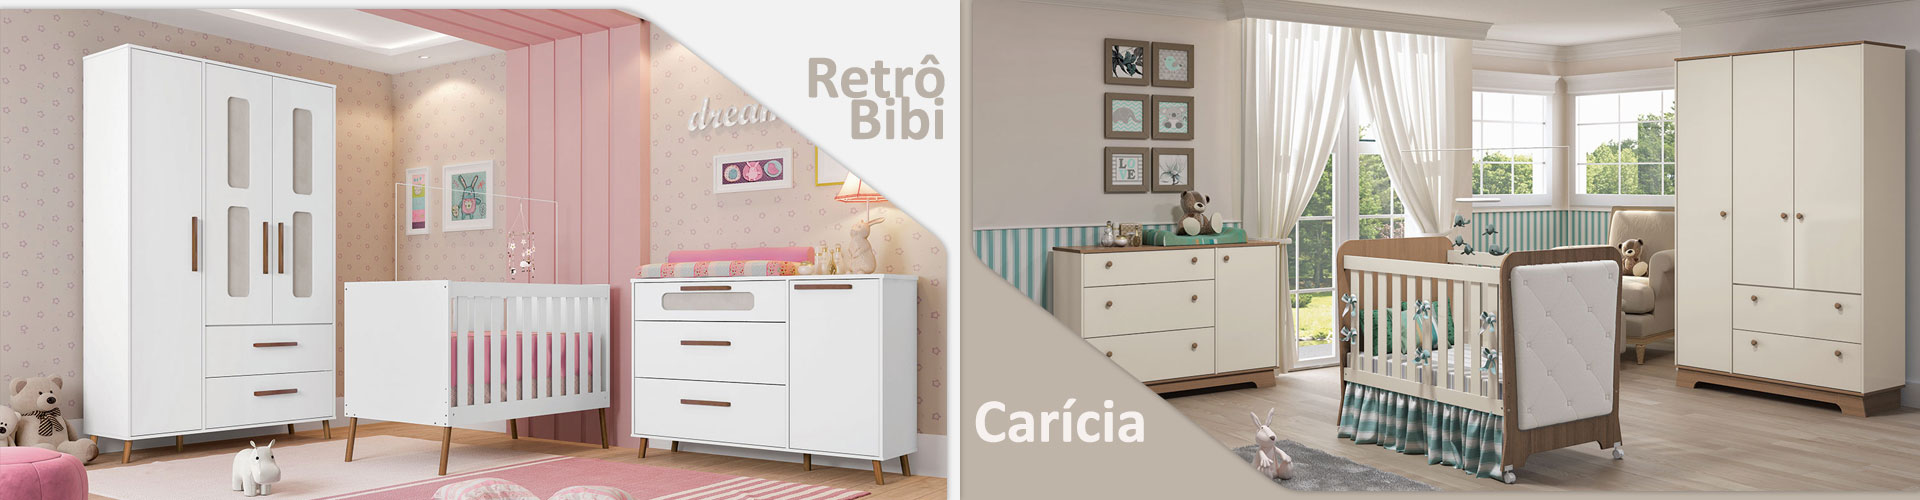 banner_bebes_linhas_retro-bibi_caricia